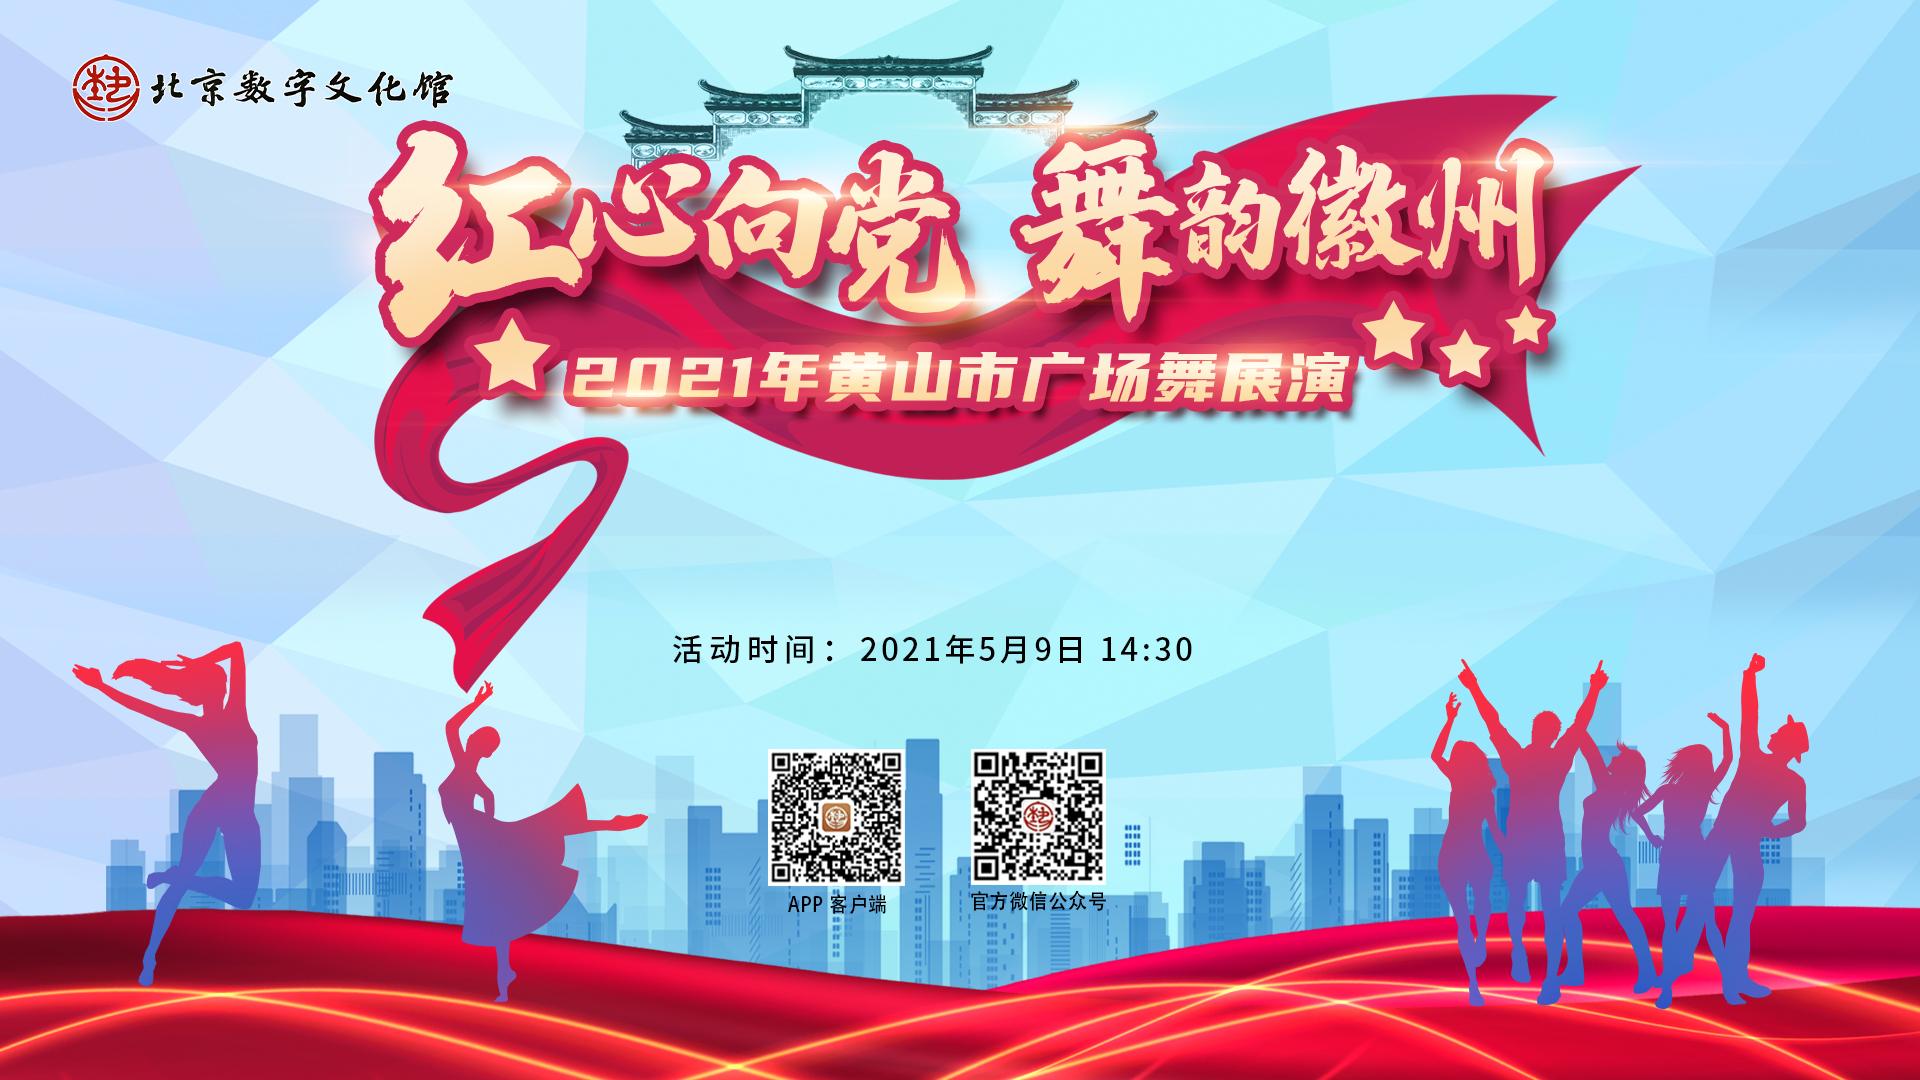 """""""红心向党 舞韵徽州""""2021年安徽省黄山市广场舞展演"""